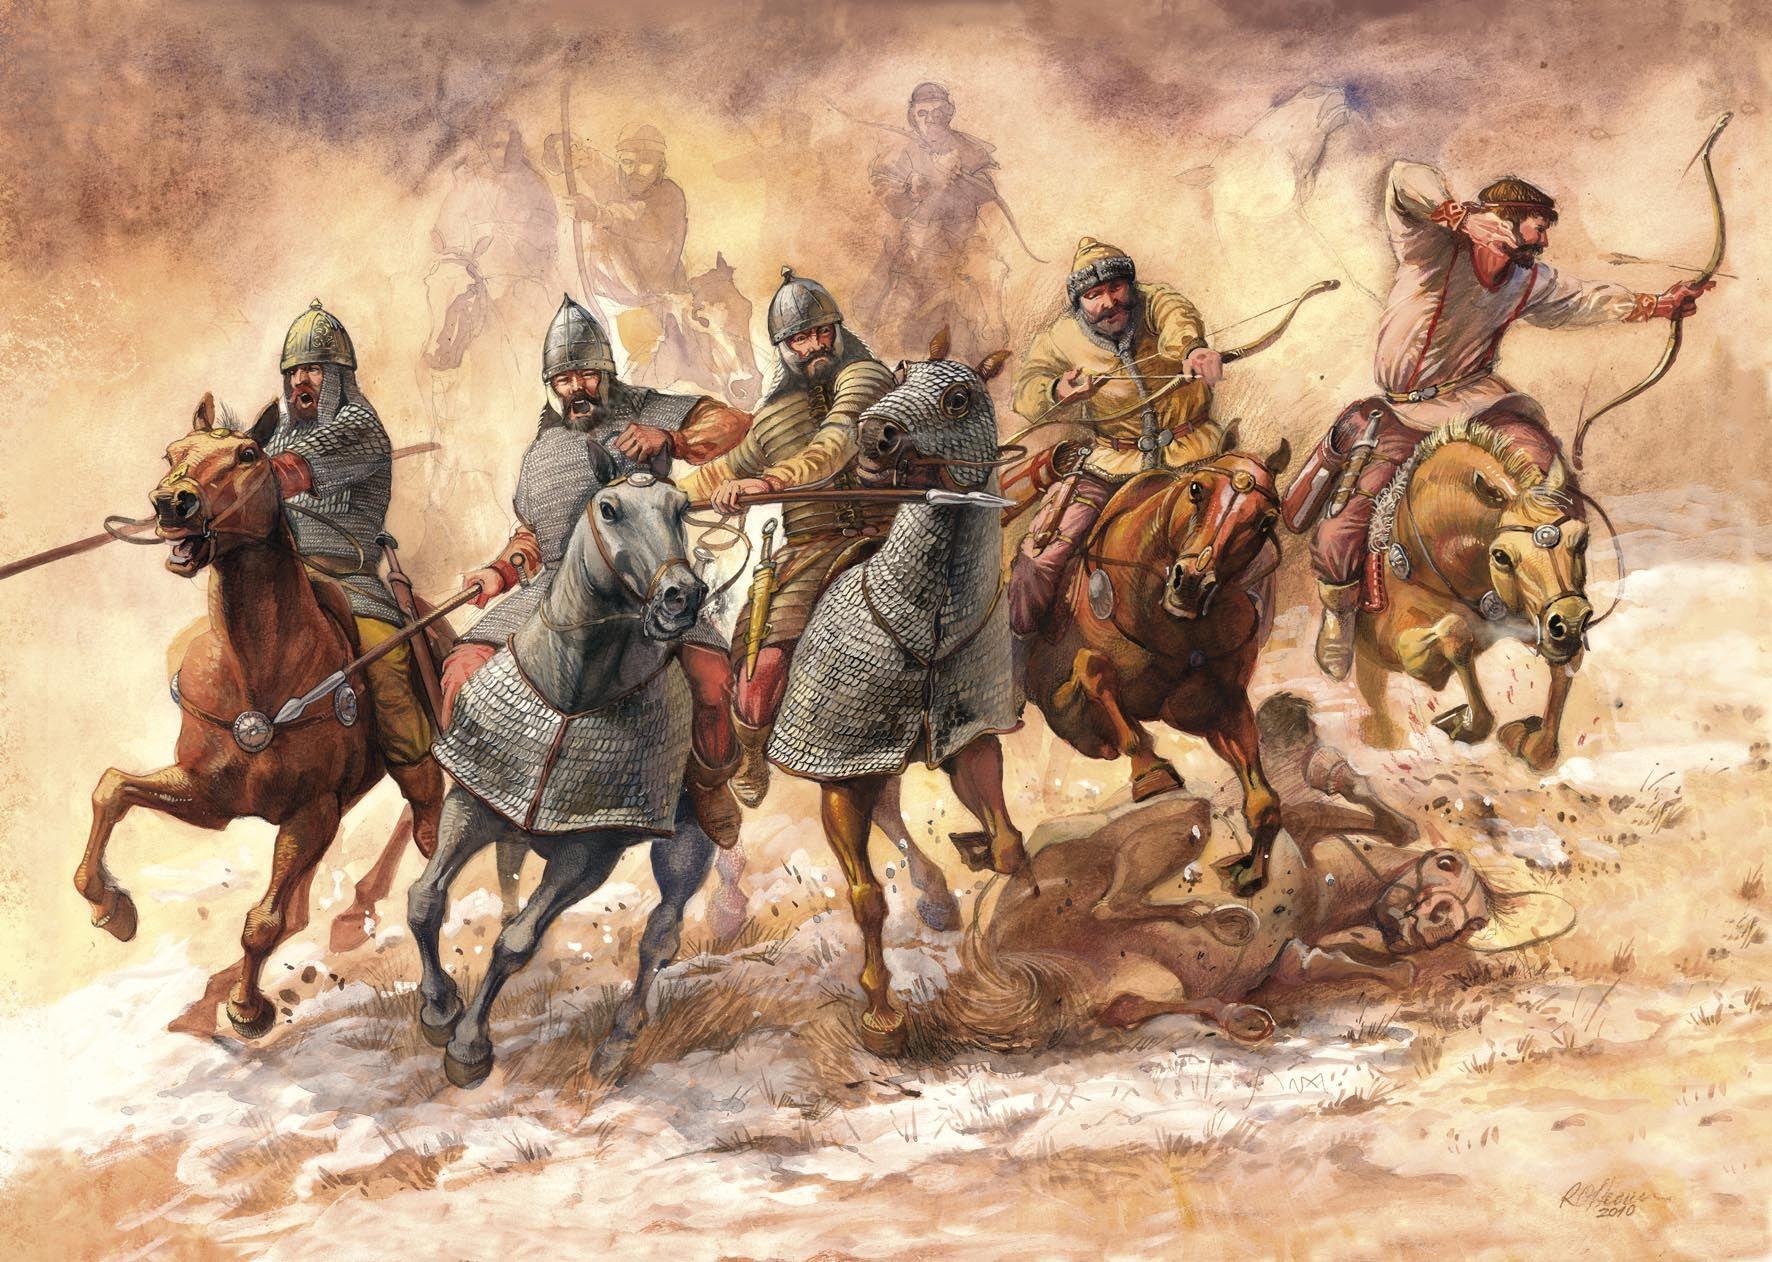 Attila và người Hung Nô: Sự trừng phạt Thượng đế dành cho người La Mã